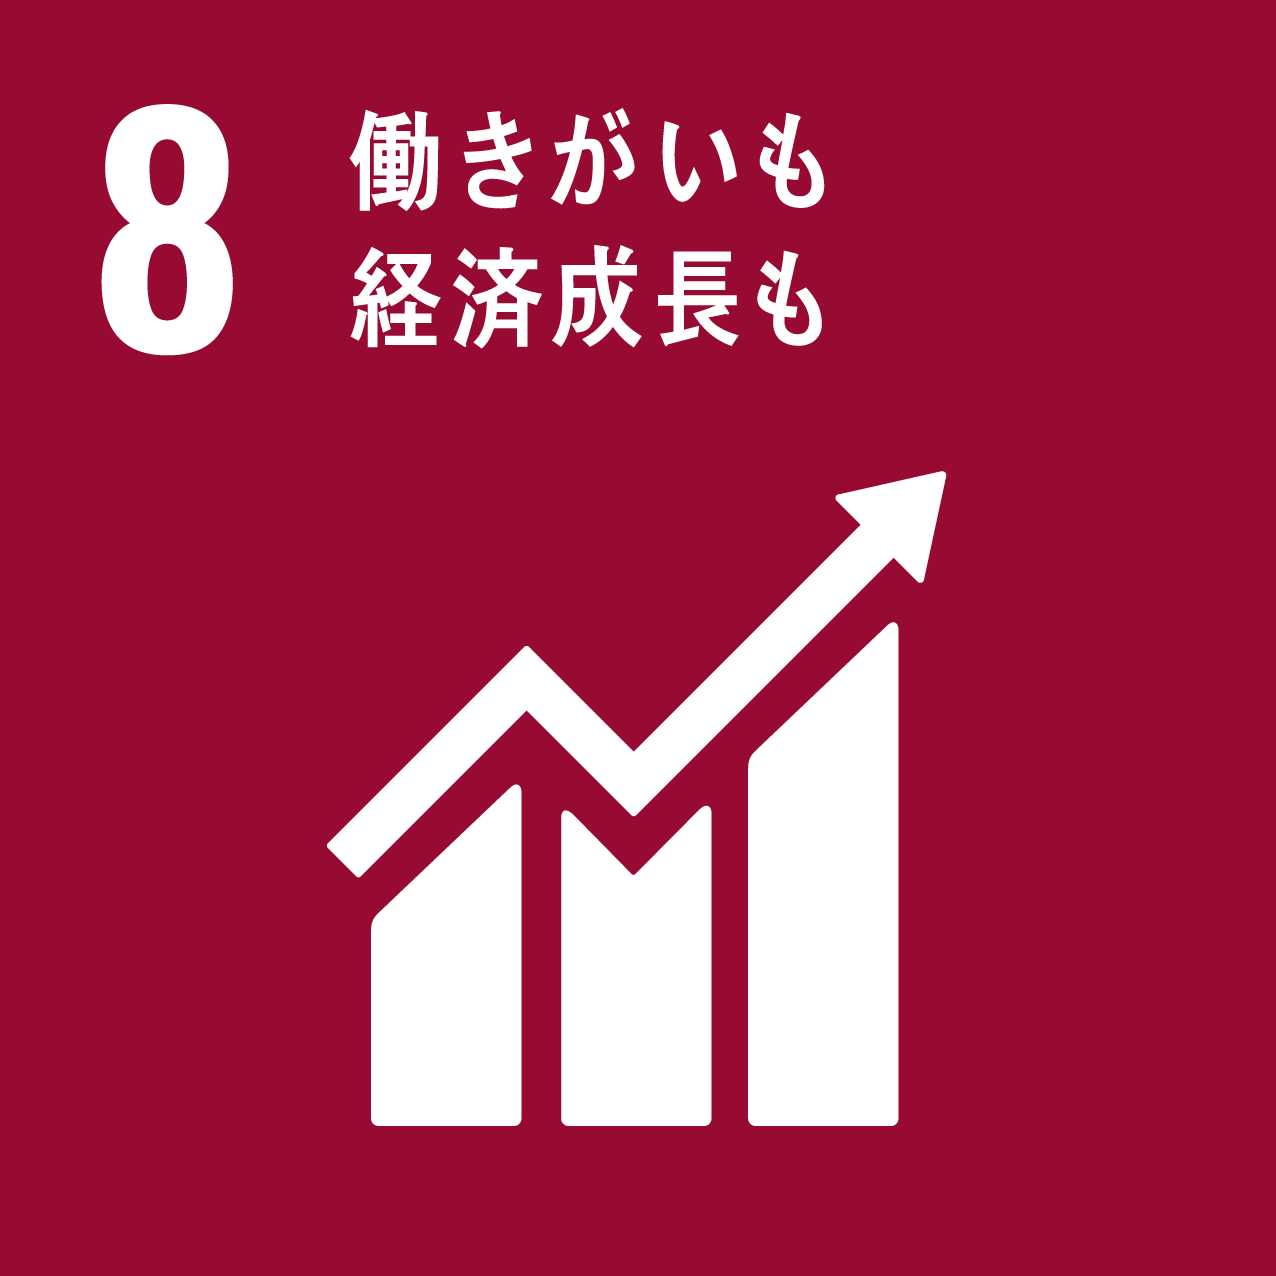 8.働きがいも 経済成長も